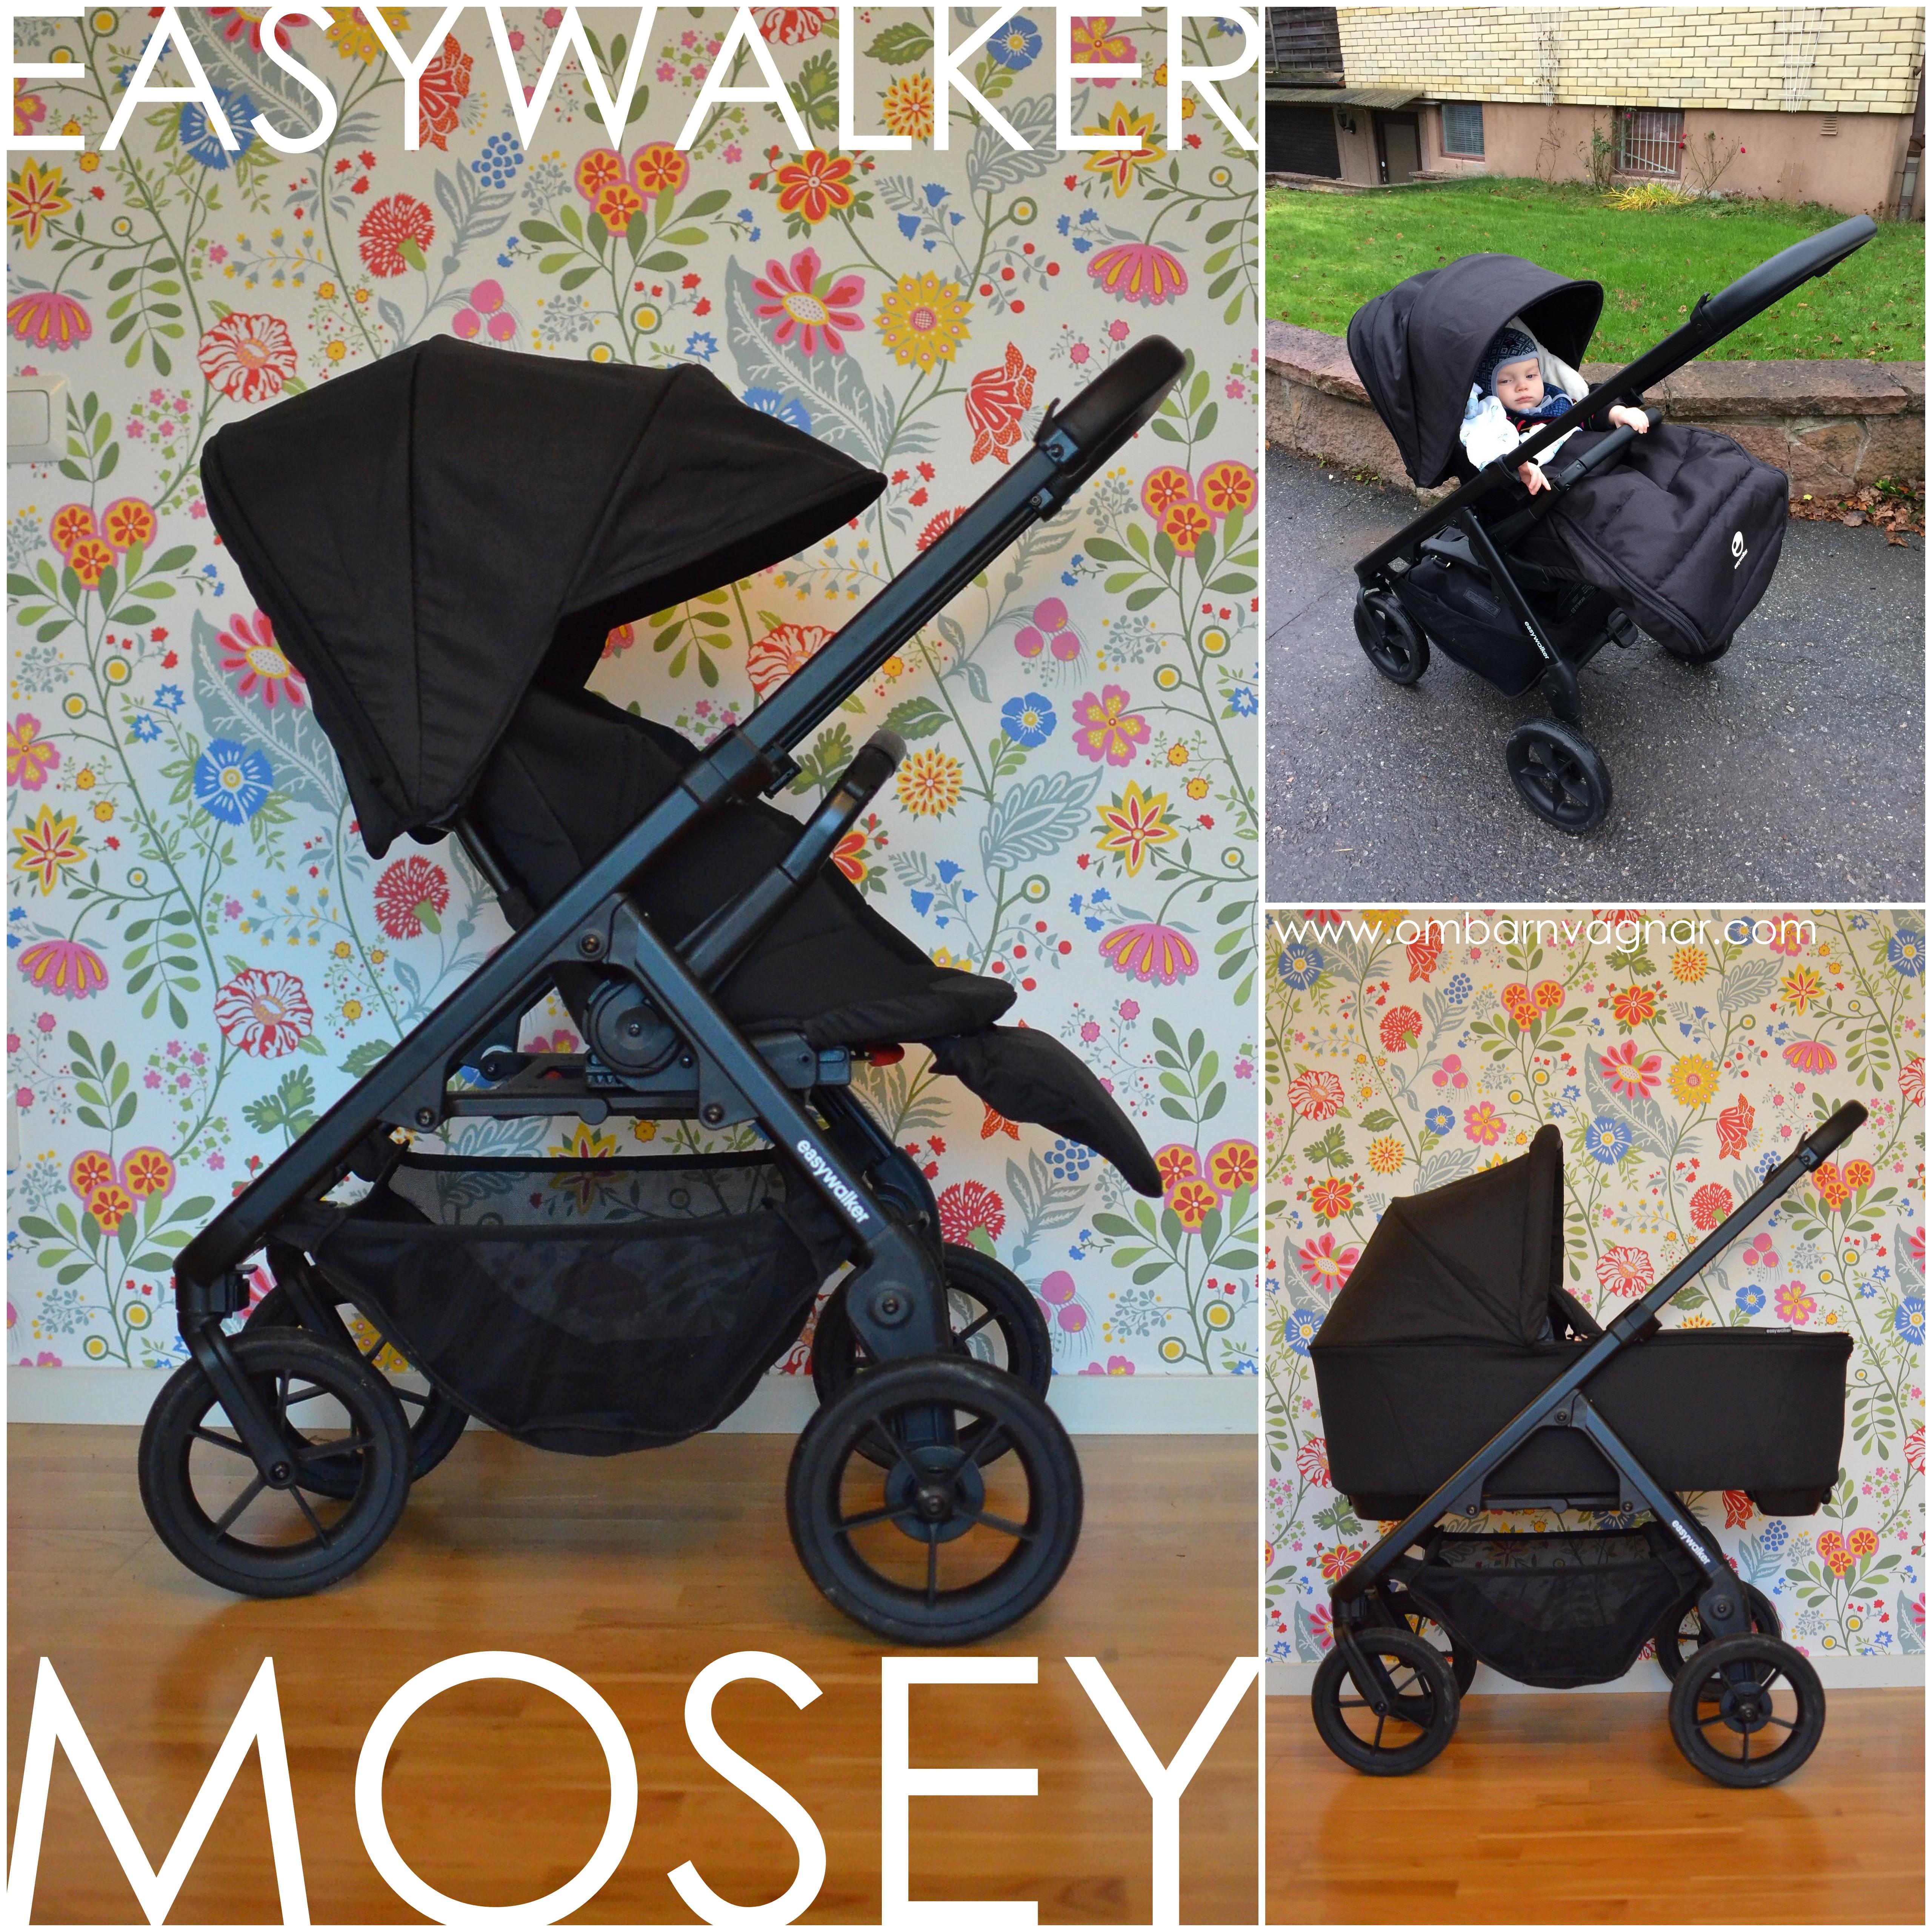 Recension av Easywalker Mosey